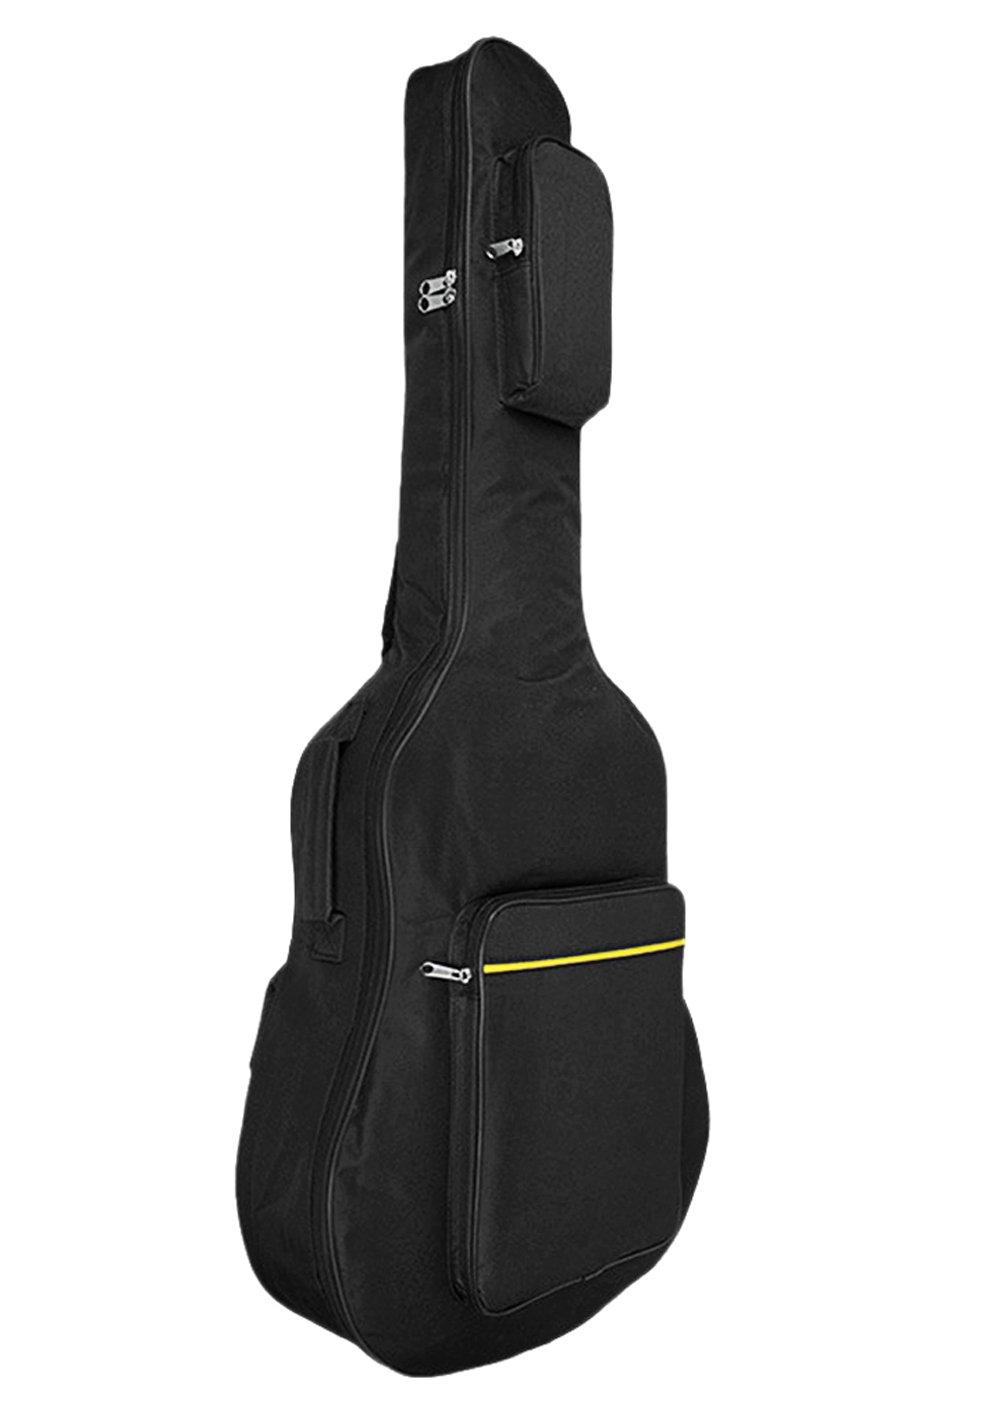 41 Inch Waterproof Oxford Acoustic Guitar Bag Durable Padded Gig Bag 2-Pocket Dual Adjustable Shoulder Straps Guitar Backpack Zippered Guitar Cover Case Storage Bag for Dust-proof Transport Travel